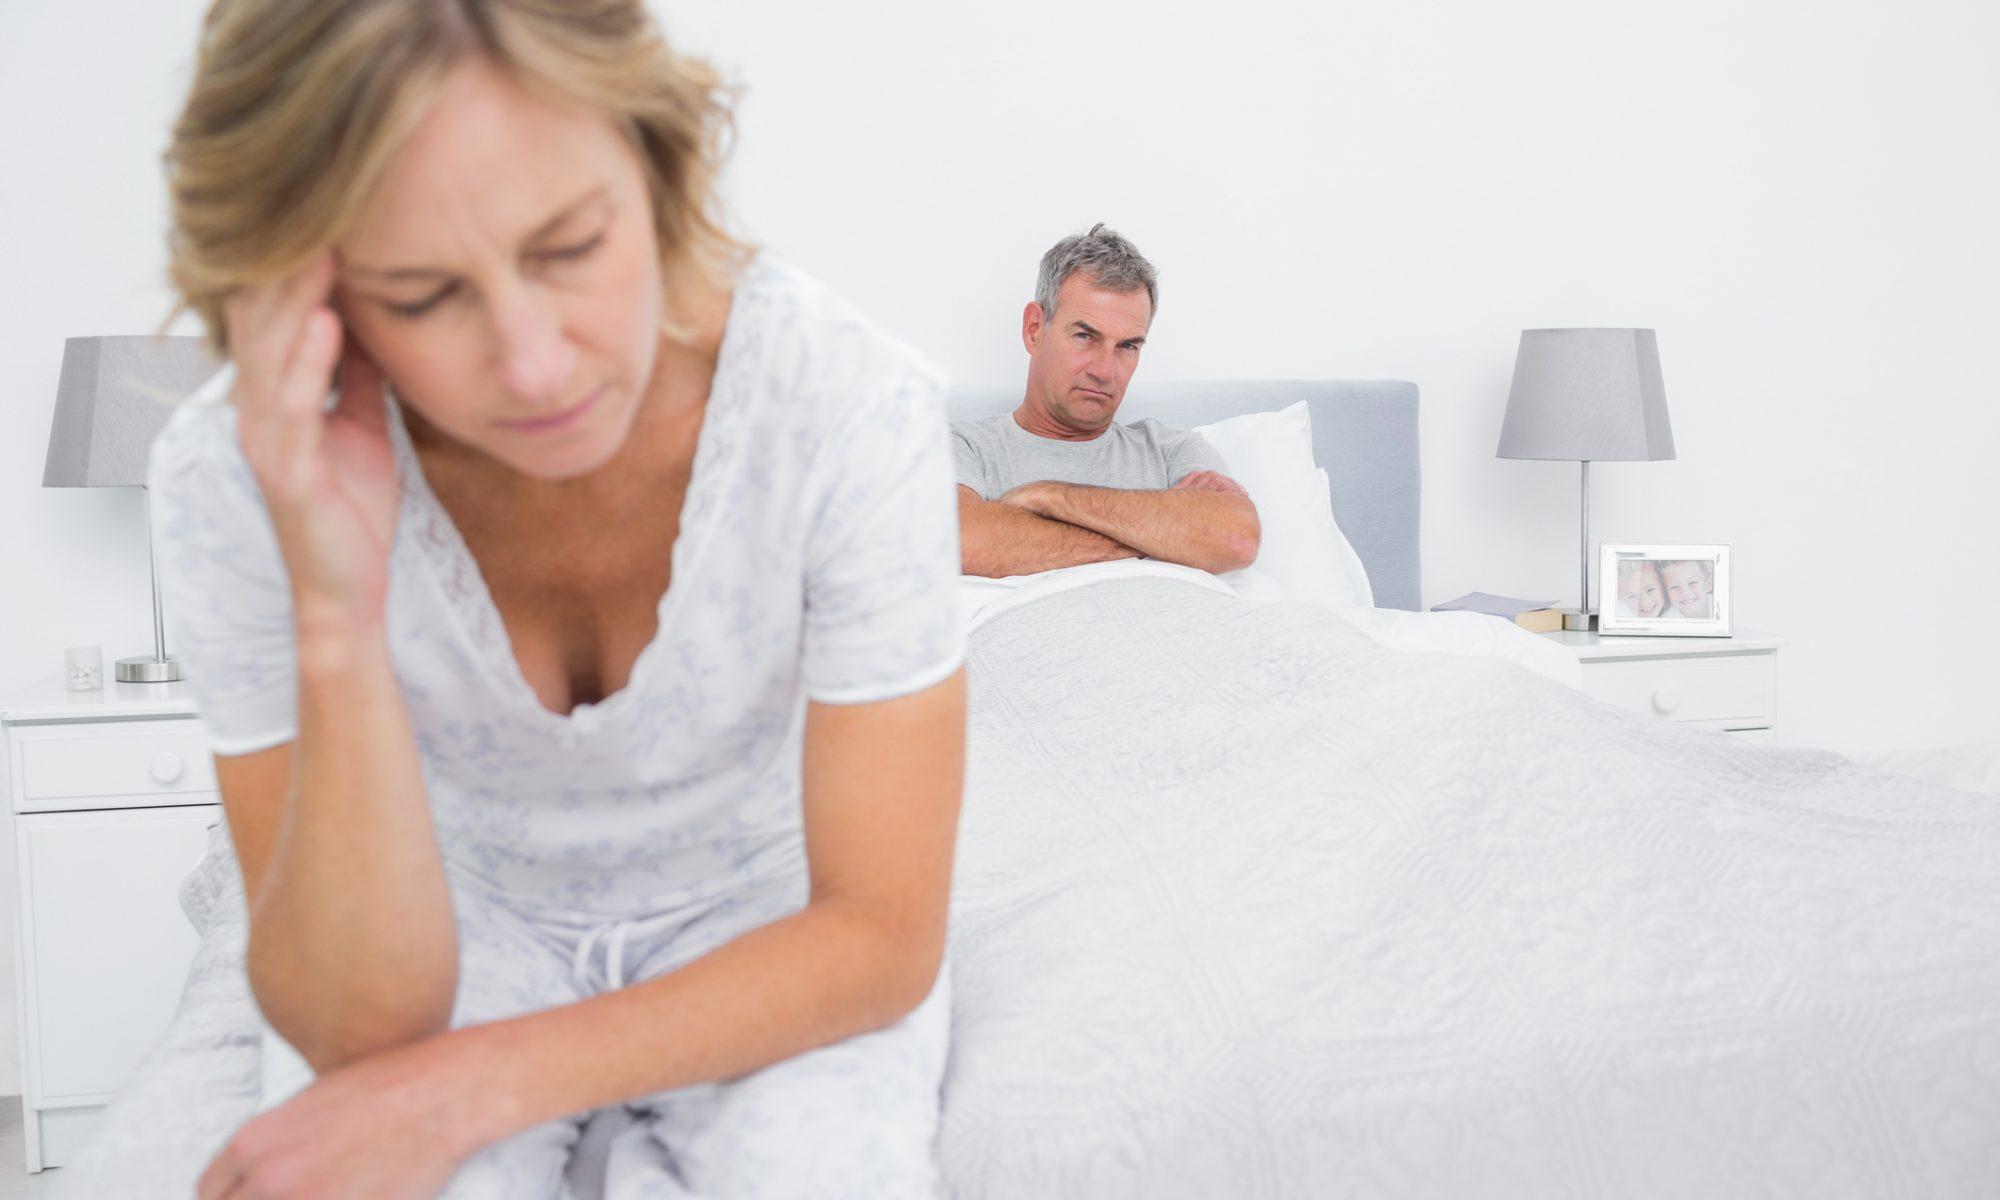 Unglückliches Paar sitzt nachdenklich im Bett